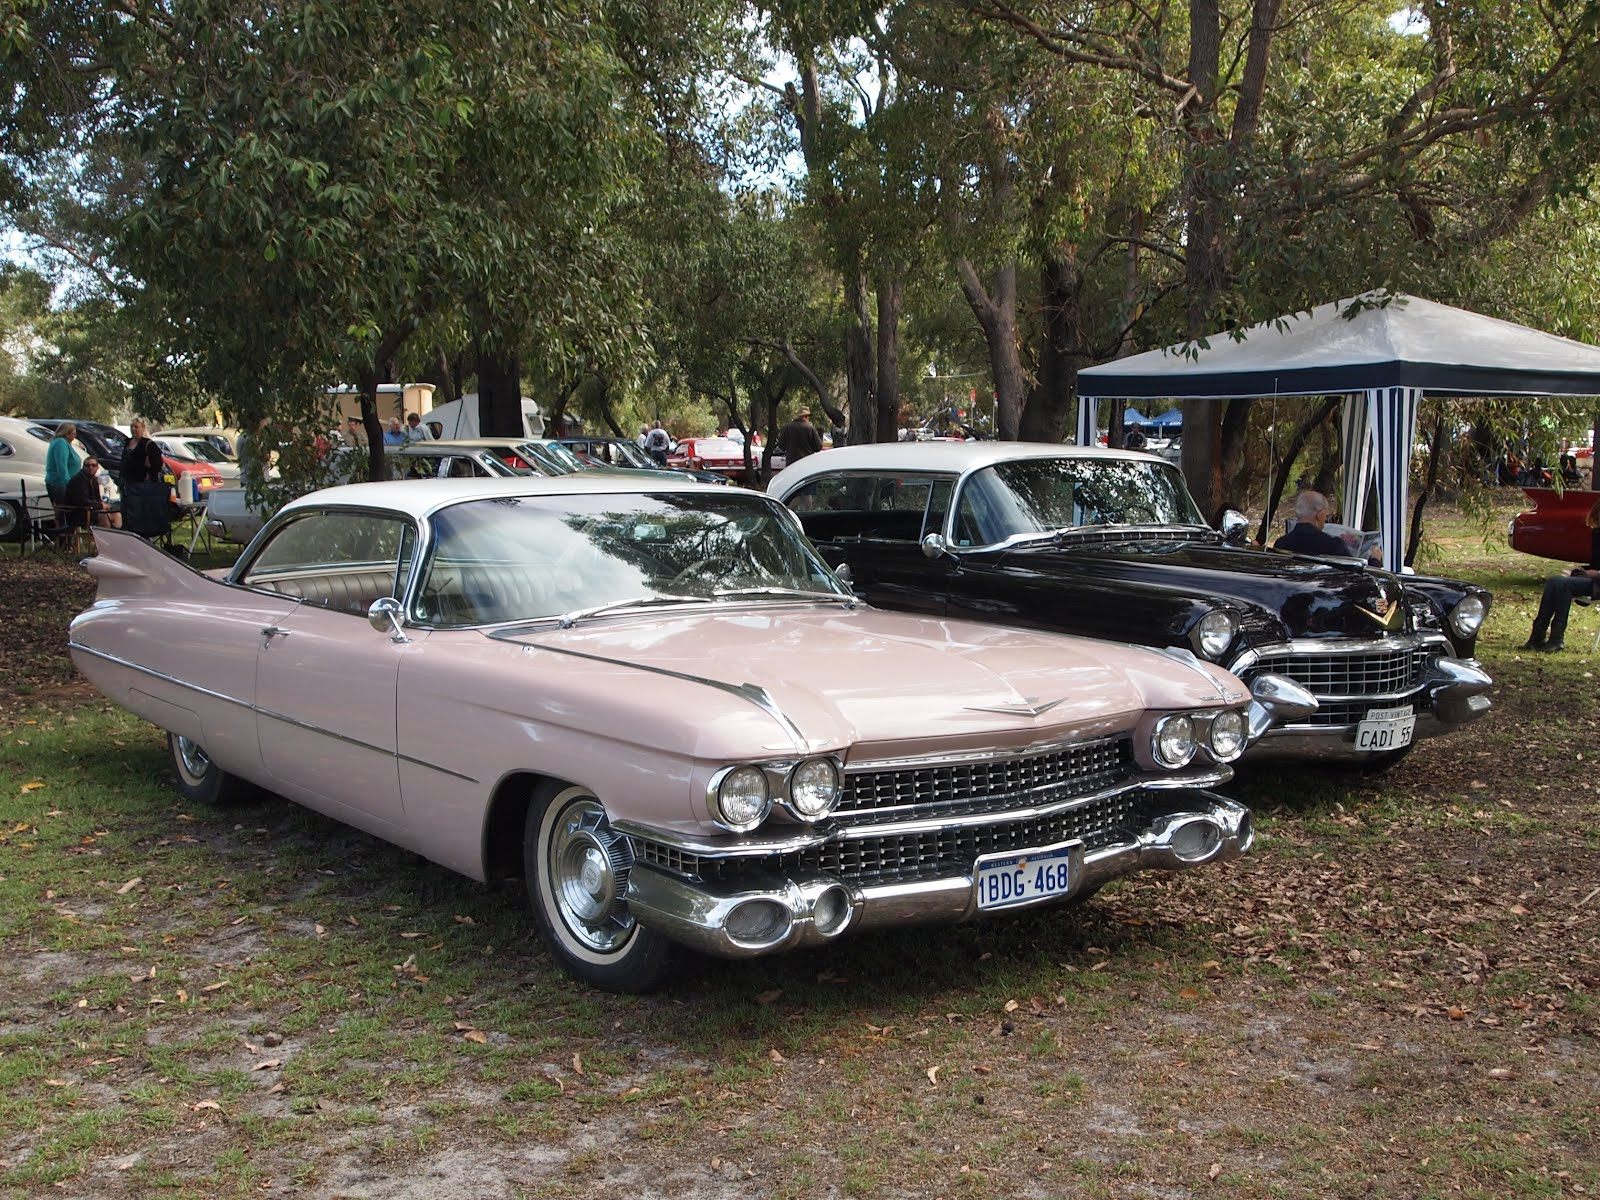 Whiteman Park Vintage Car Show